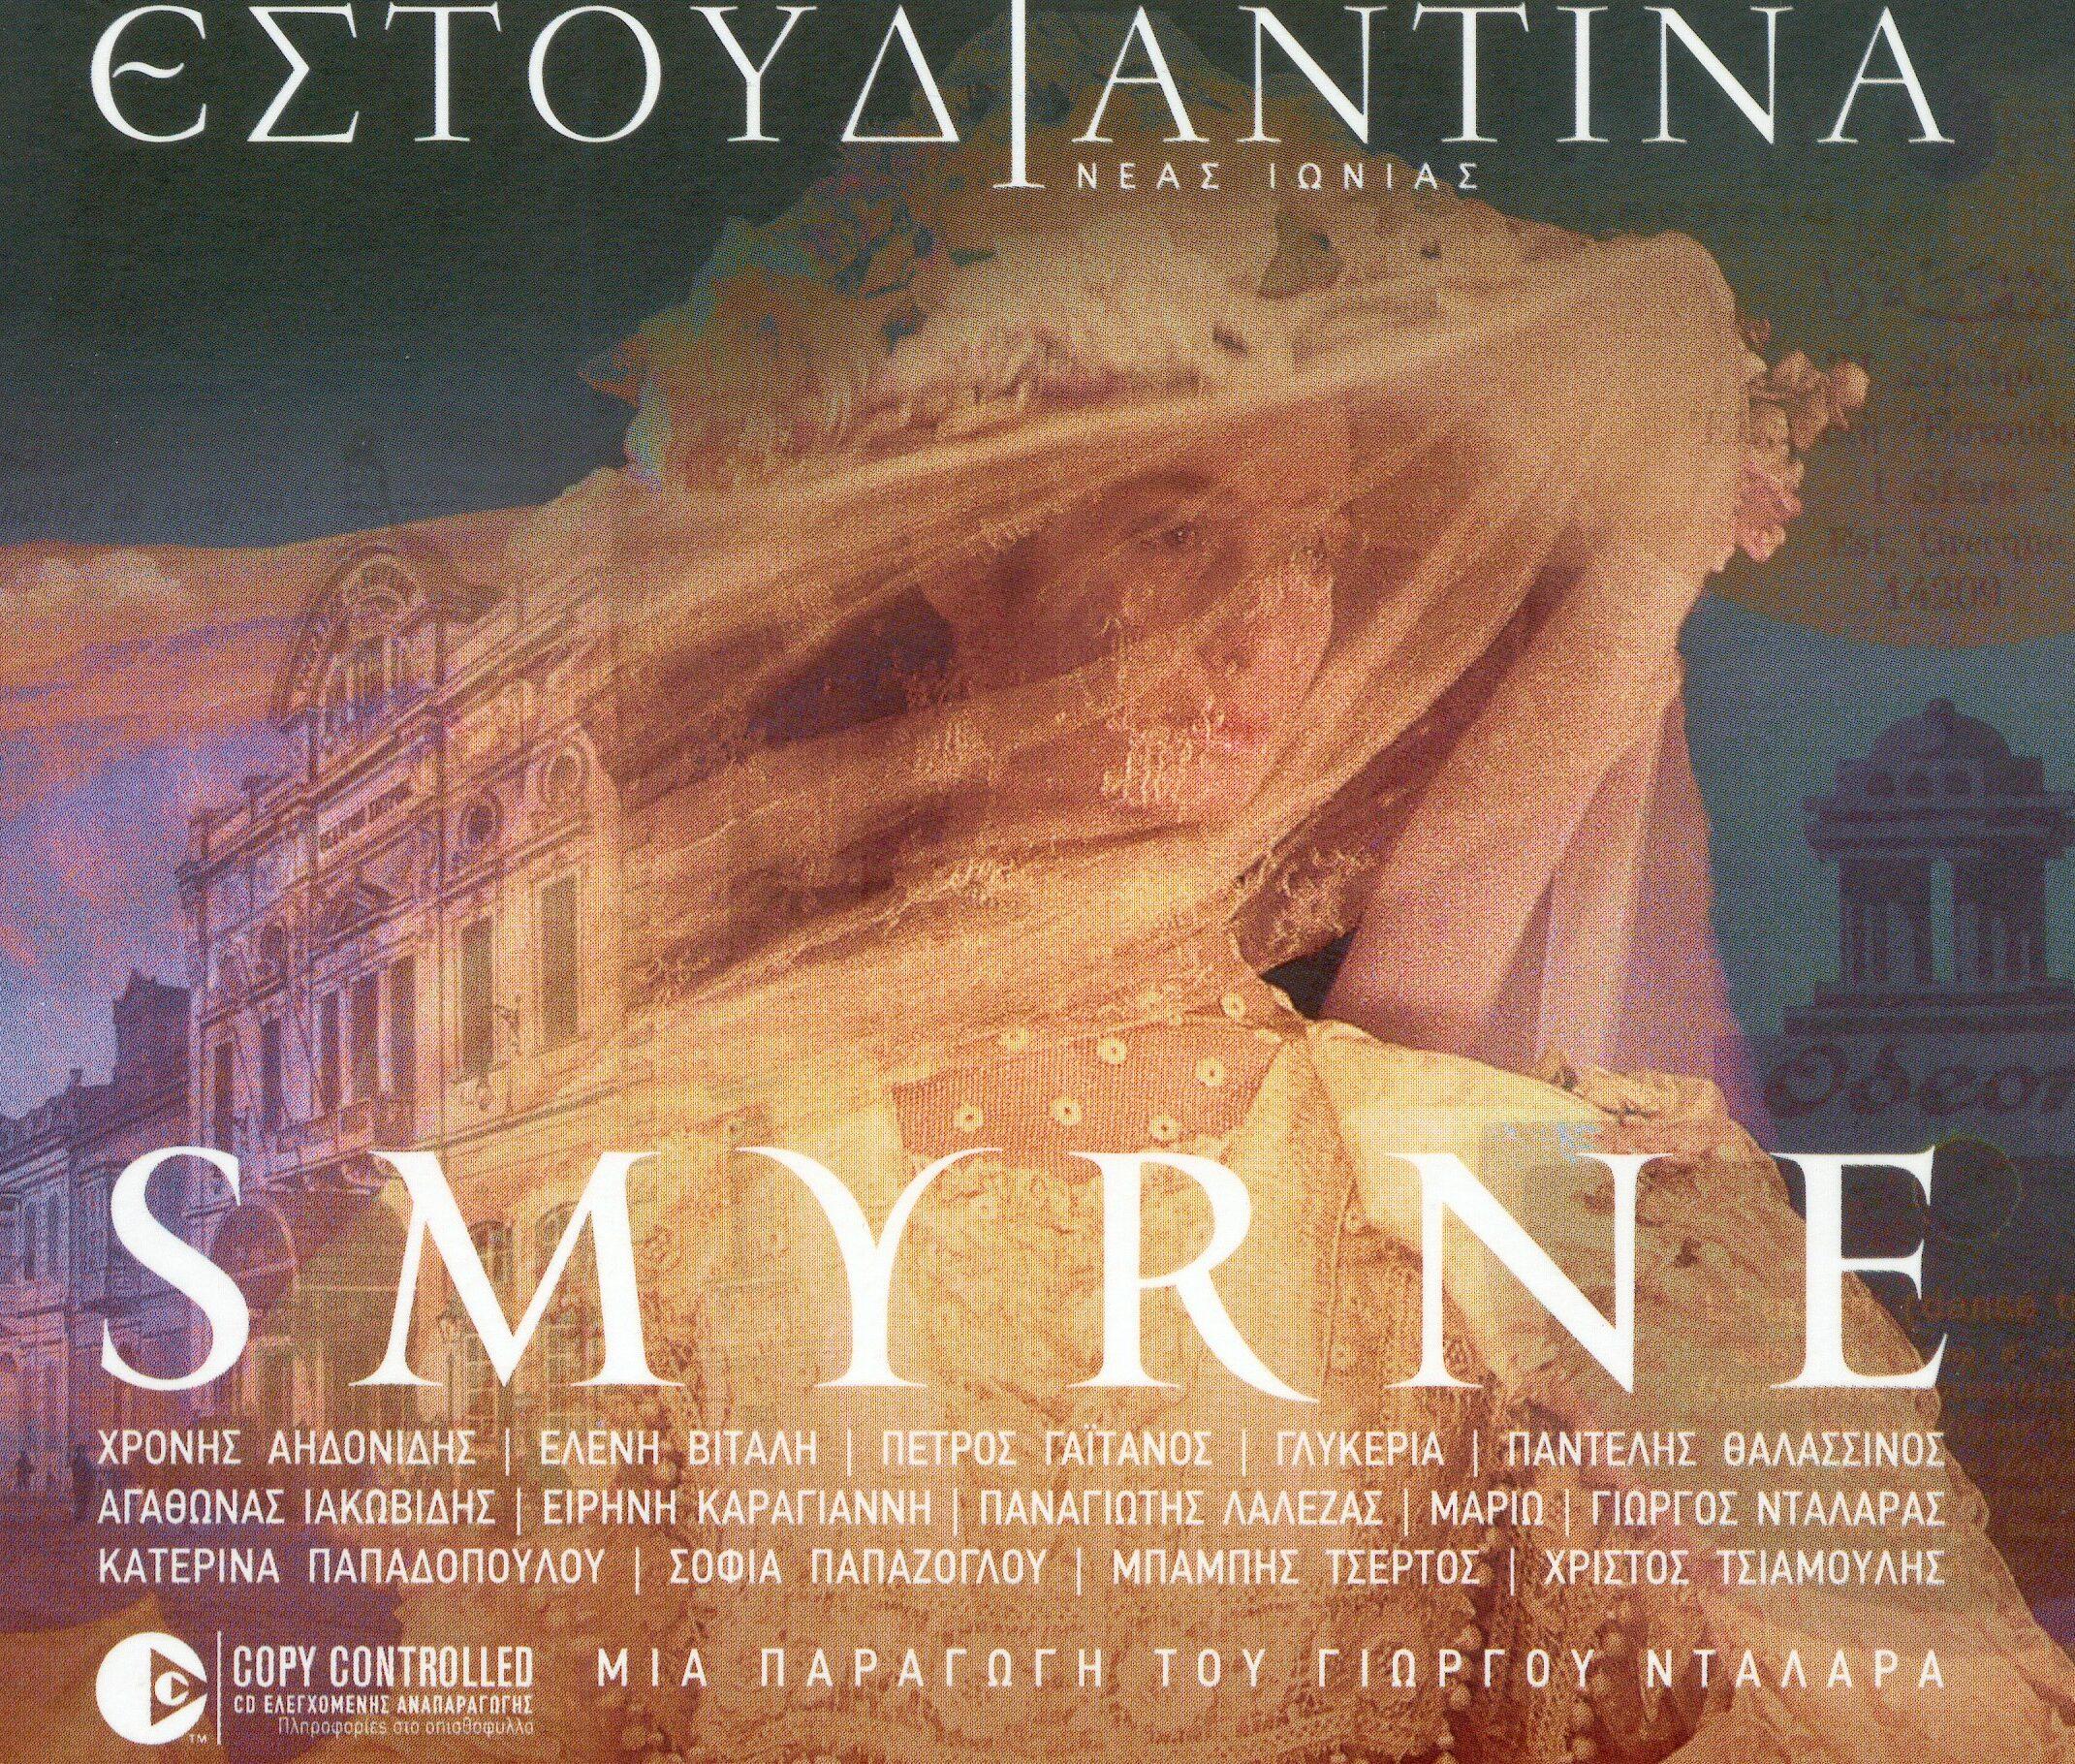 SMYRNA e1597745899960